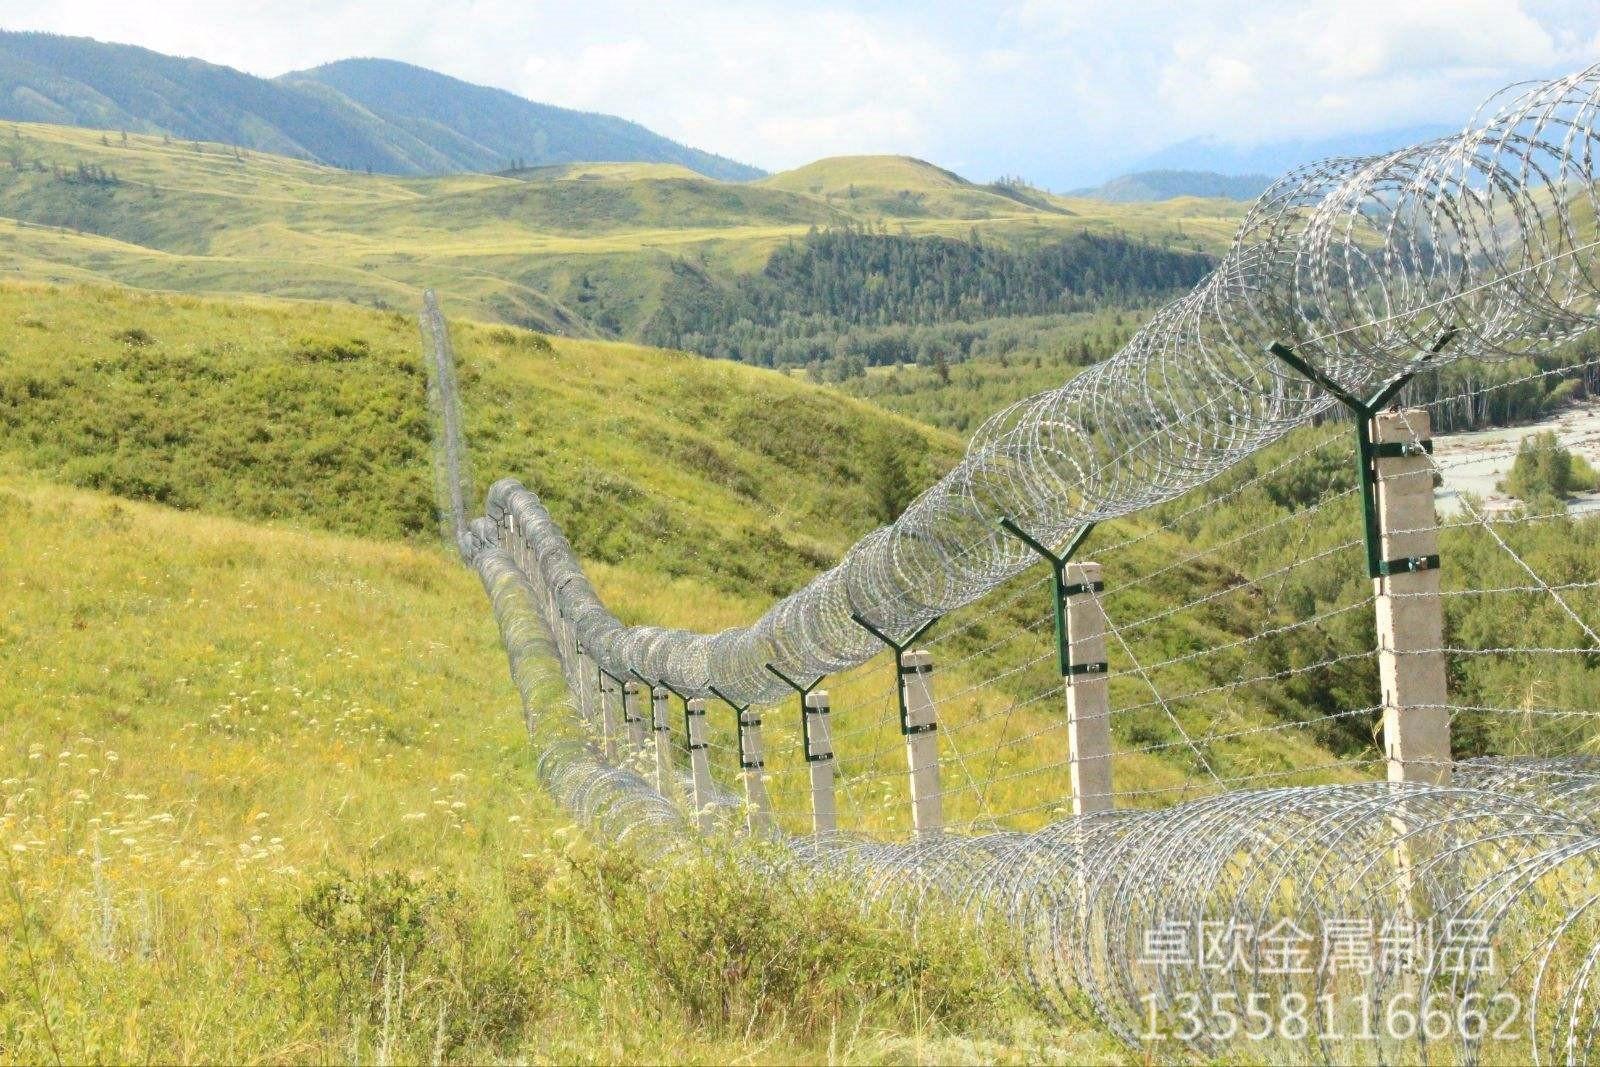 刺絲圍欄網|圍欄網系列-廣西卓歐金屬制品有限公司